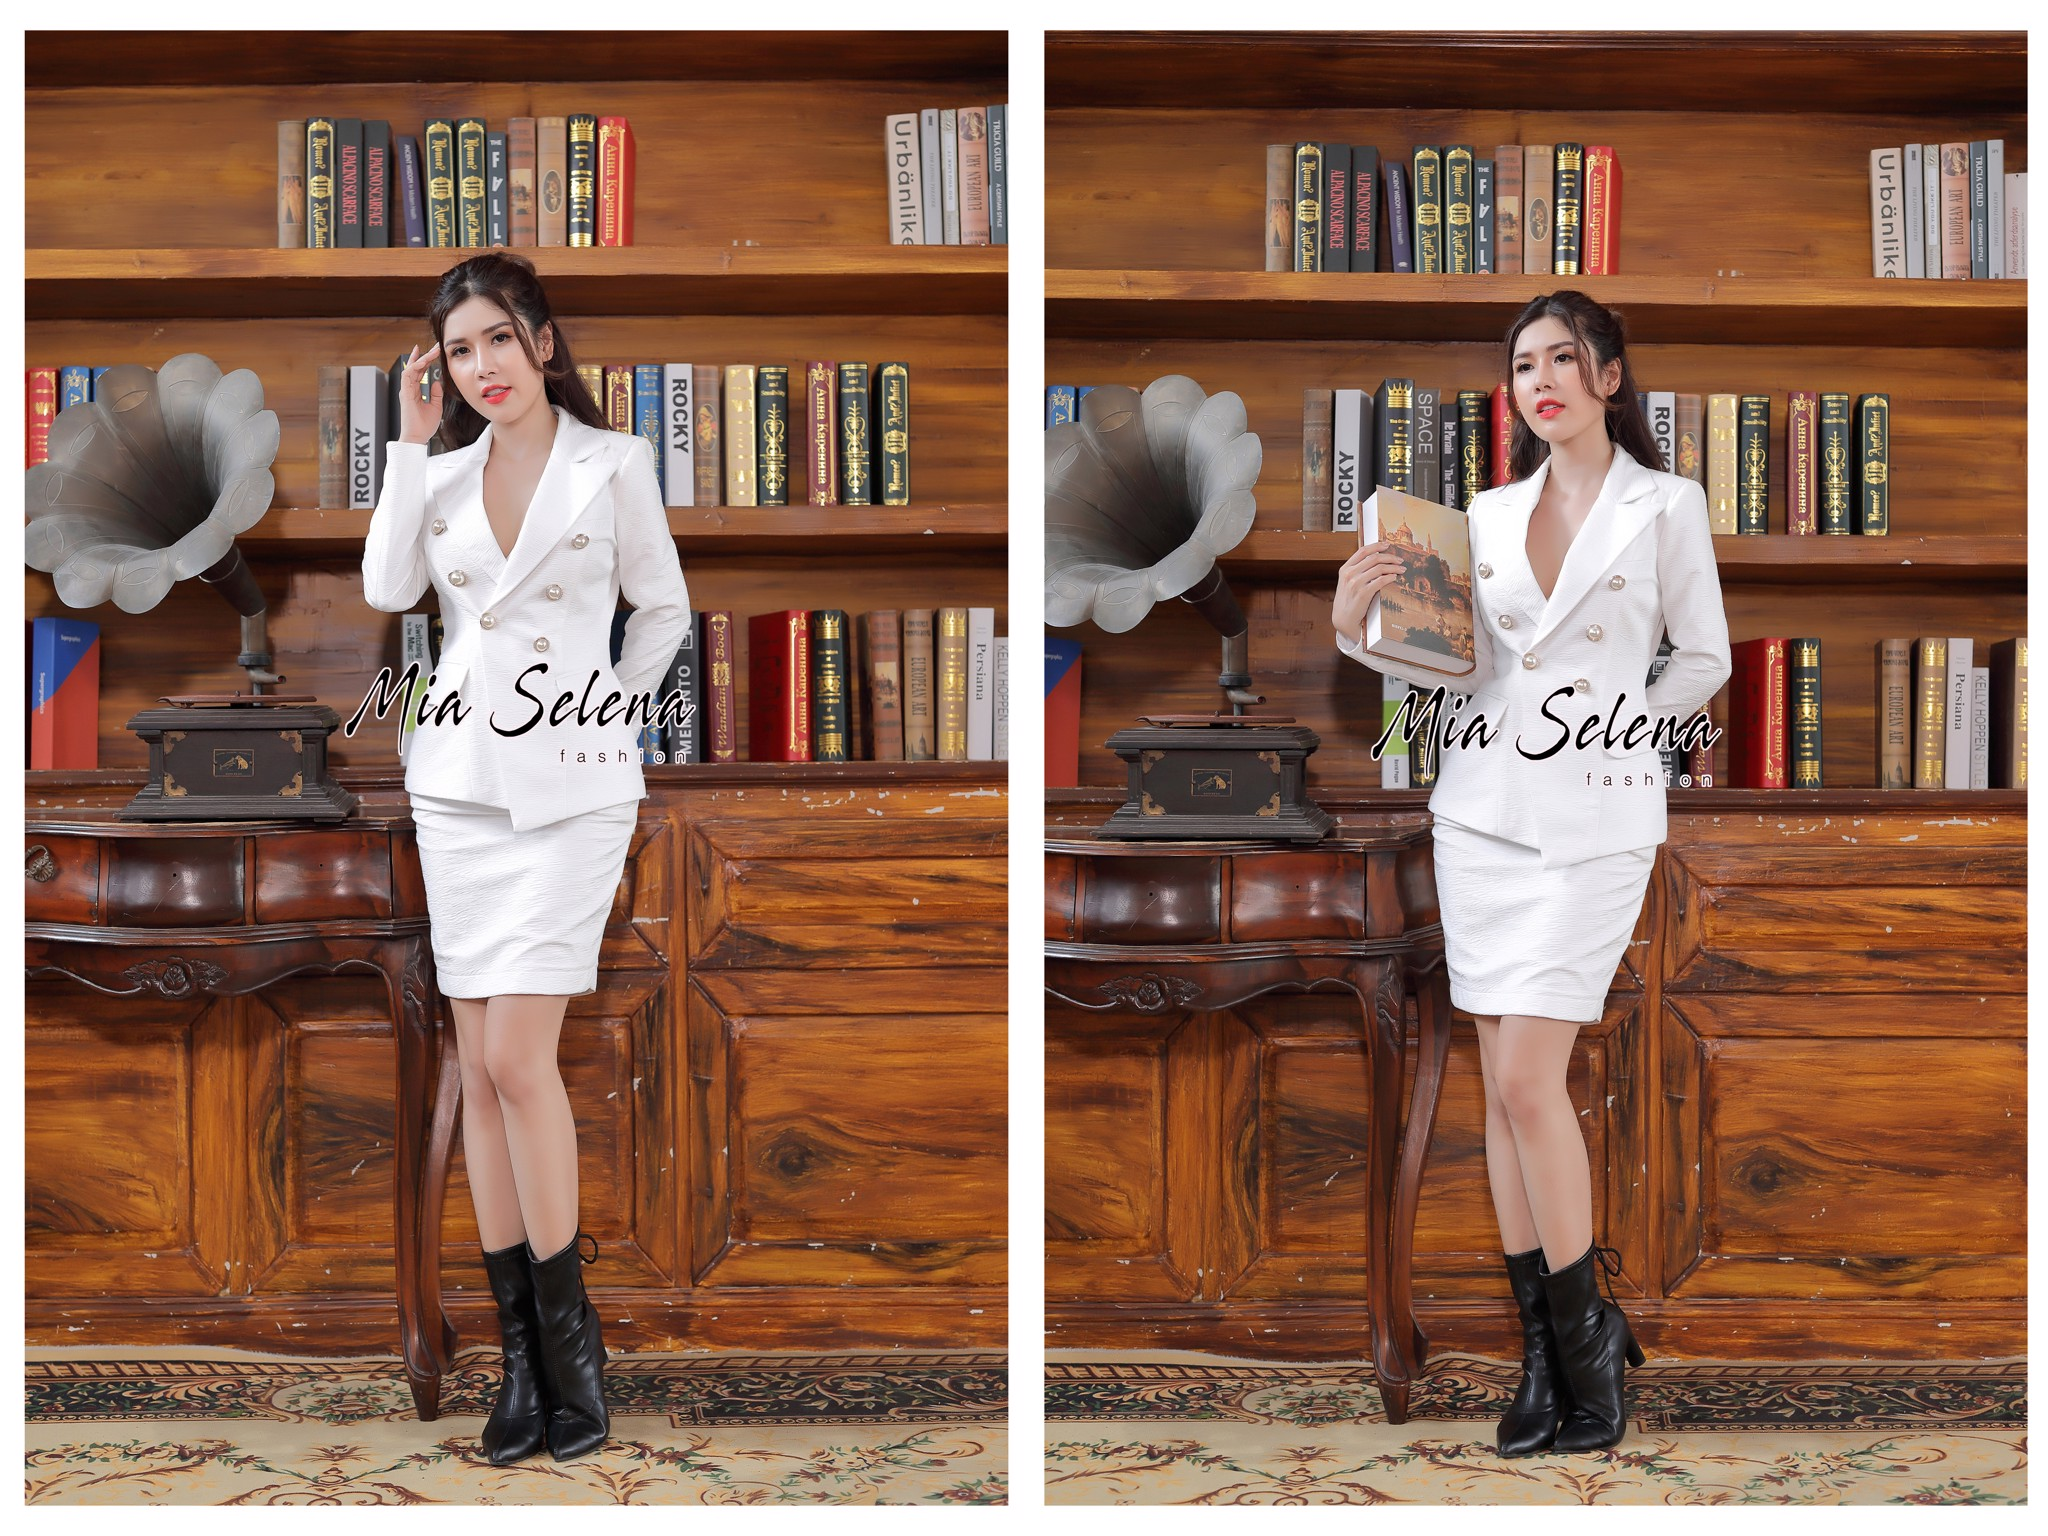 Vest doanh nhân Mia Selena thiết kế phong cách mới lạ